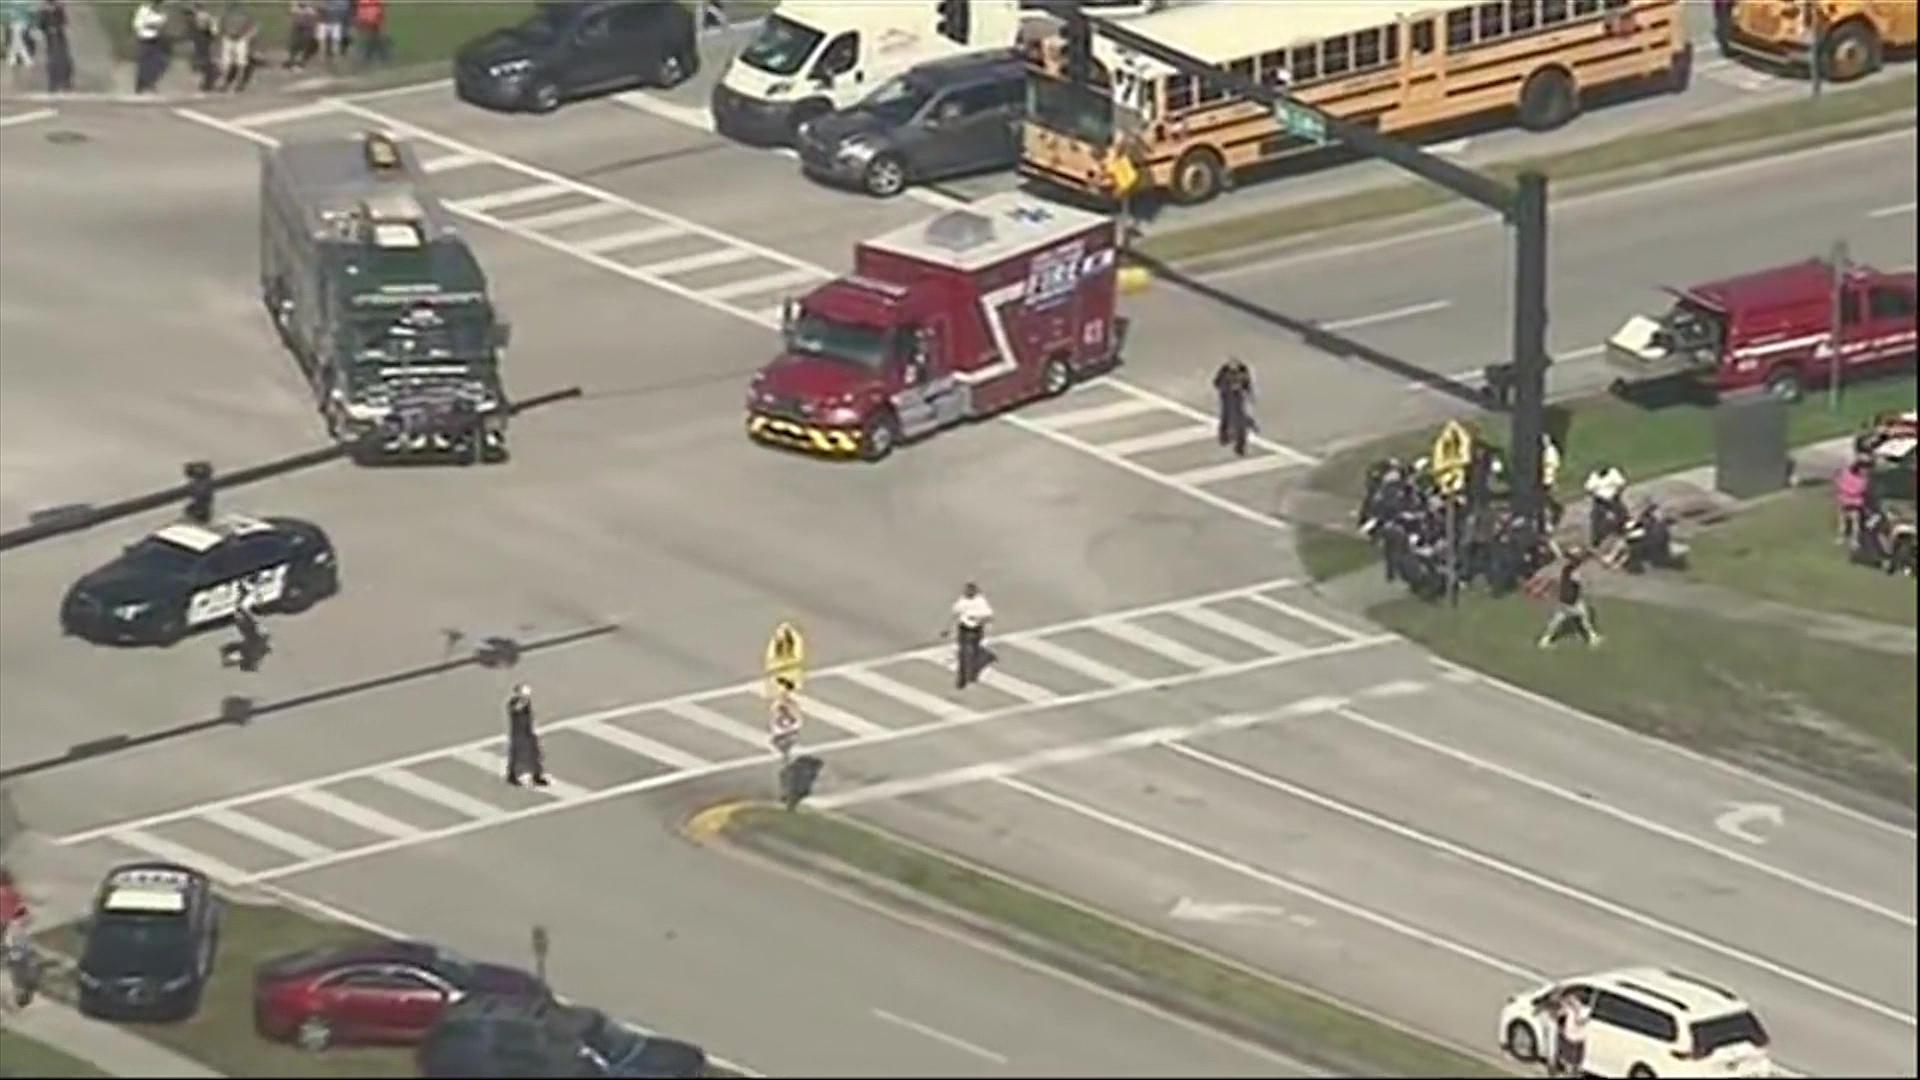 Masakra në Florida/Incidenti i 18 i këtij lloji në shkollat amerikane